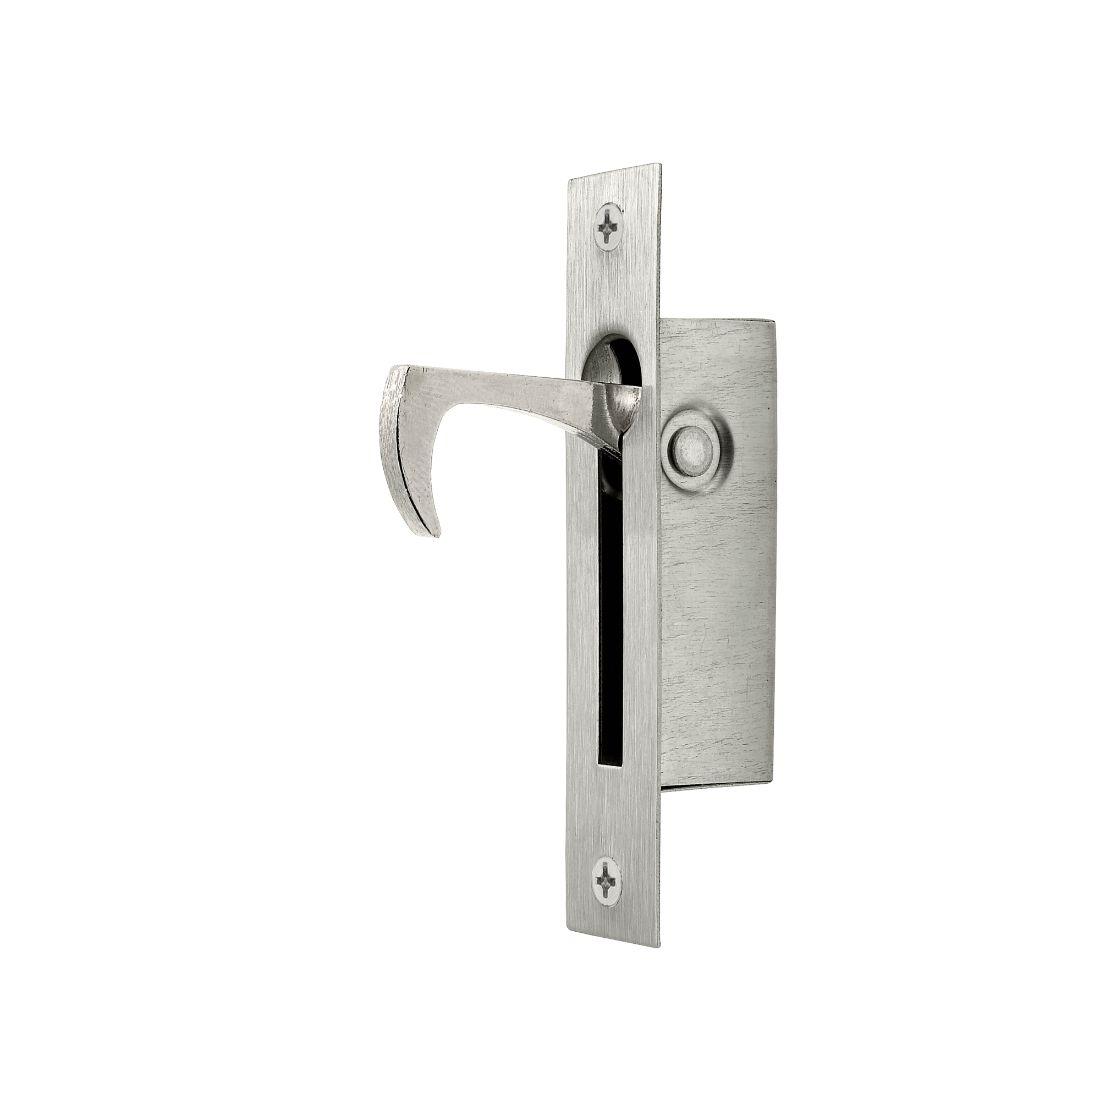 Sliding Door Edge Pull 100 x 20mm Stainless Steel